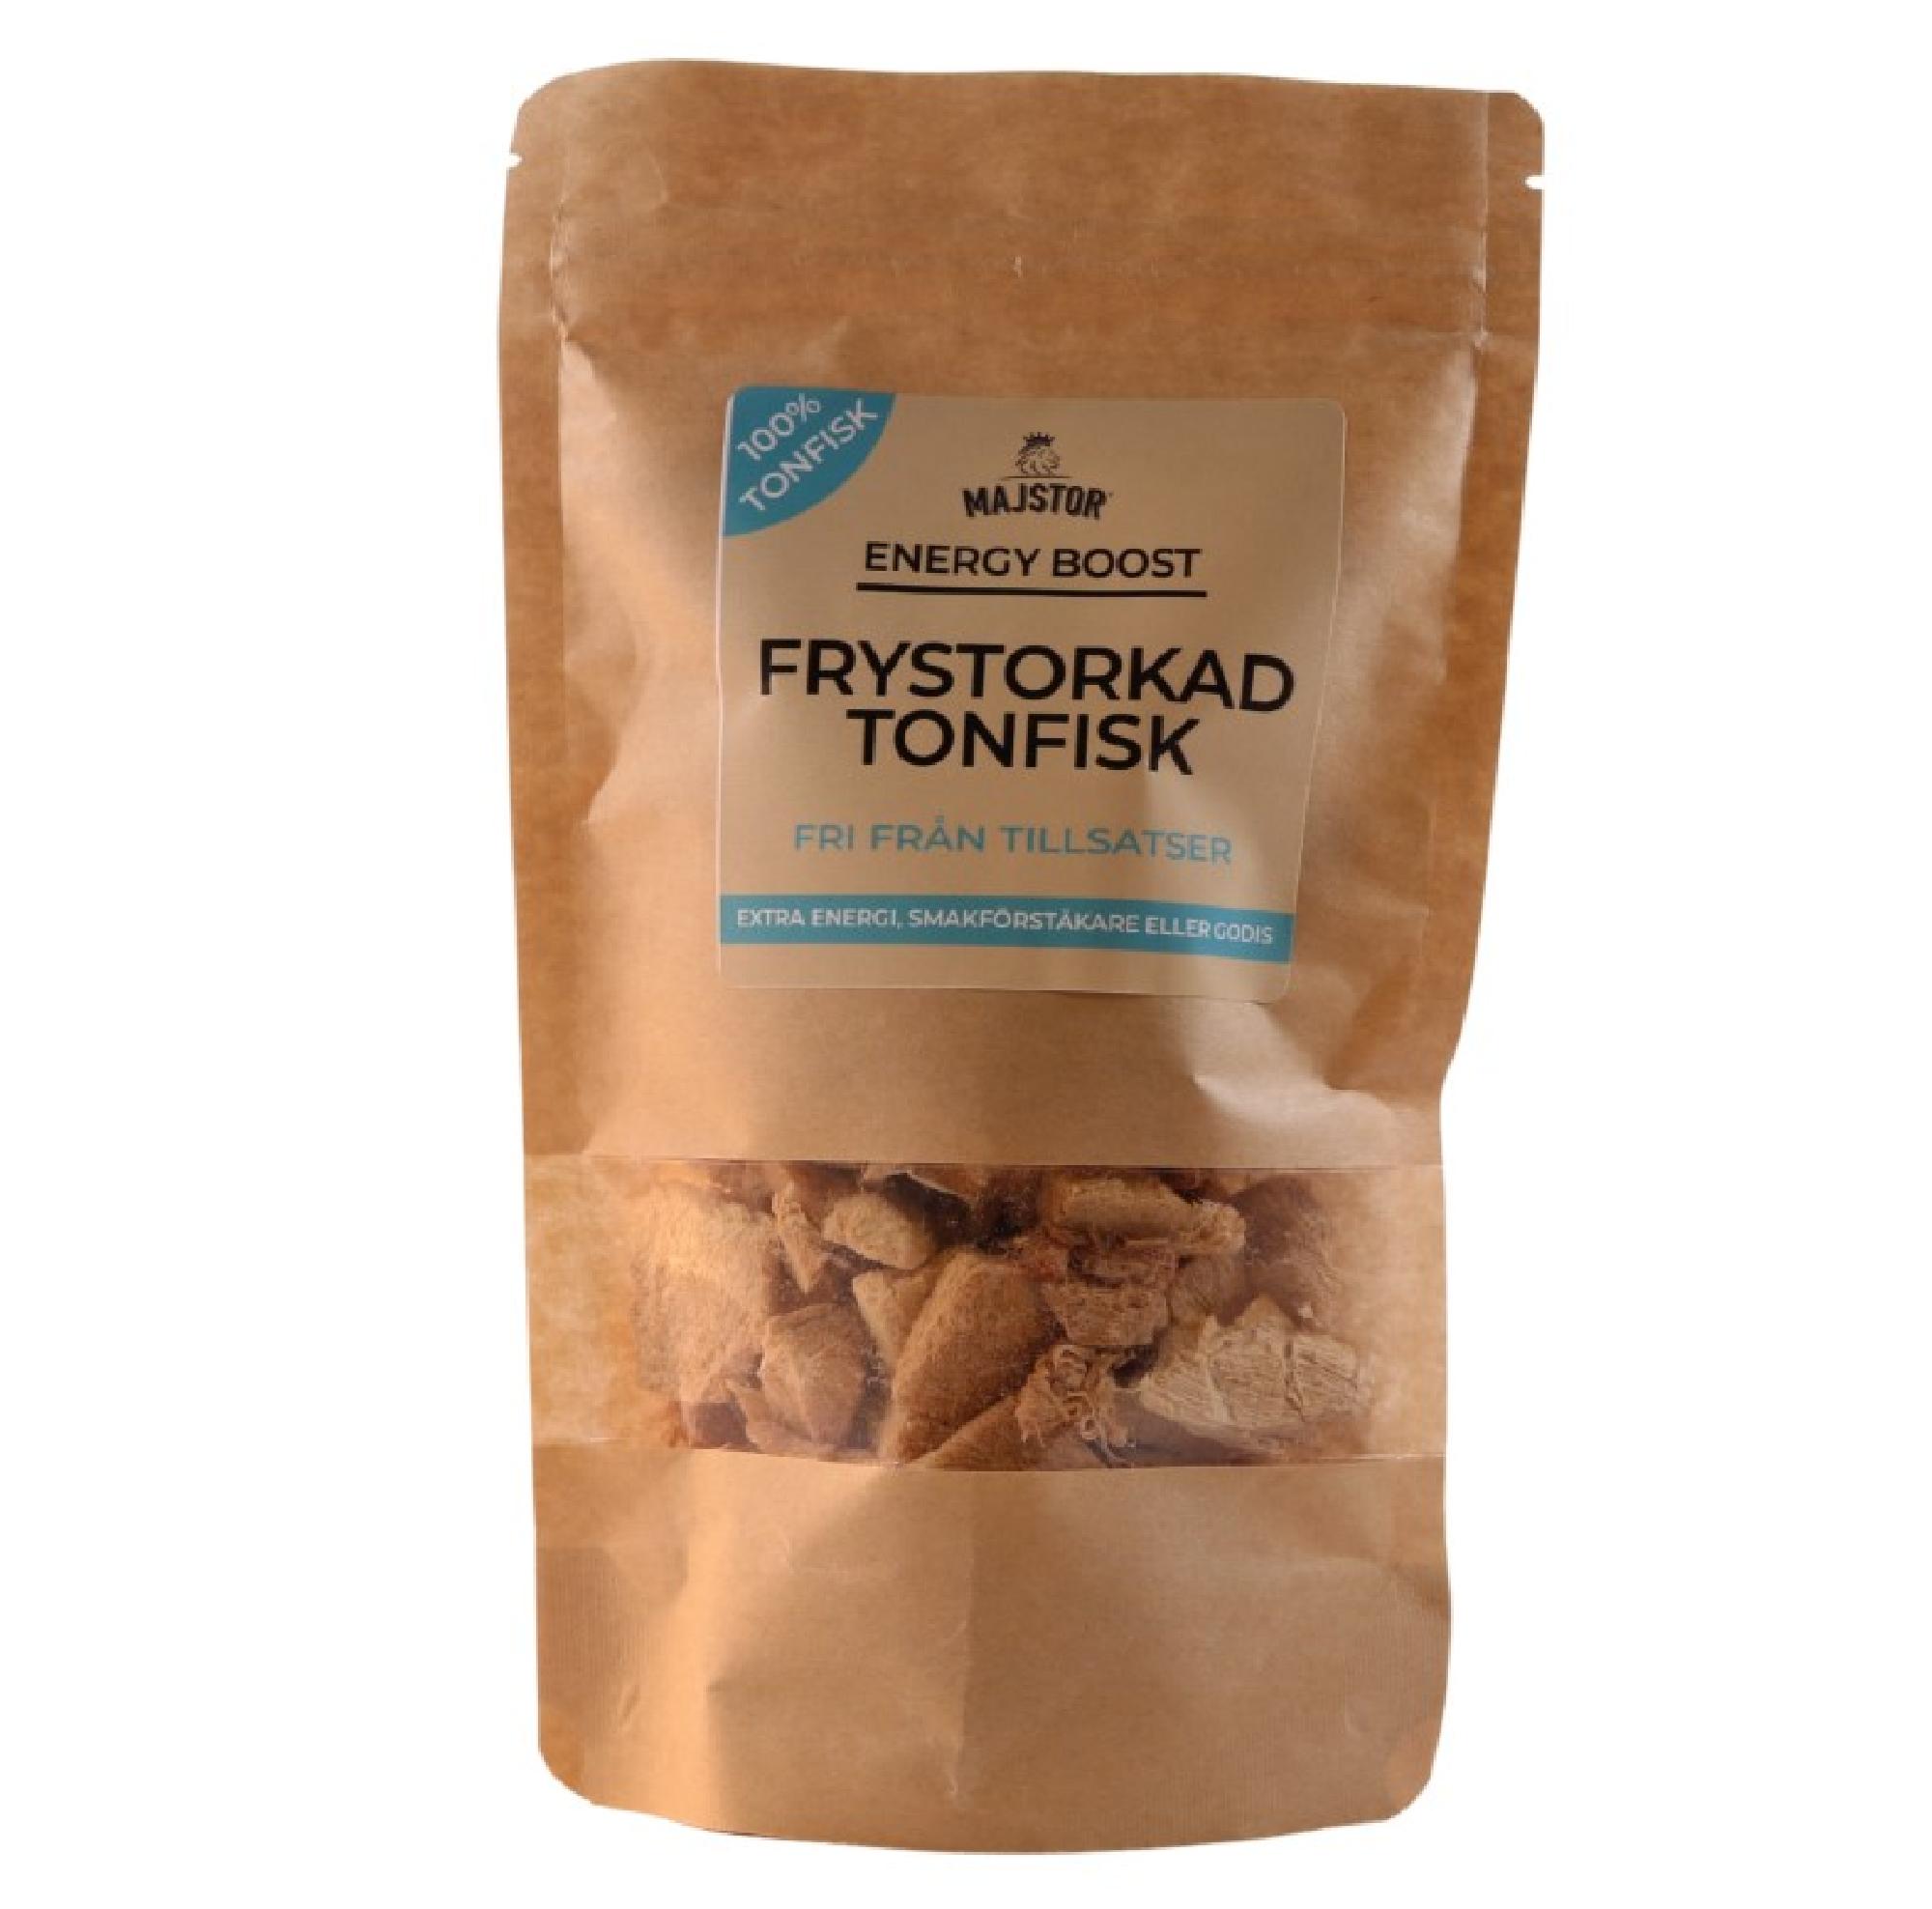 Majstor Frystorkad Tonfisk